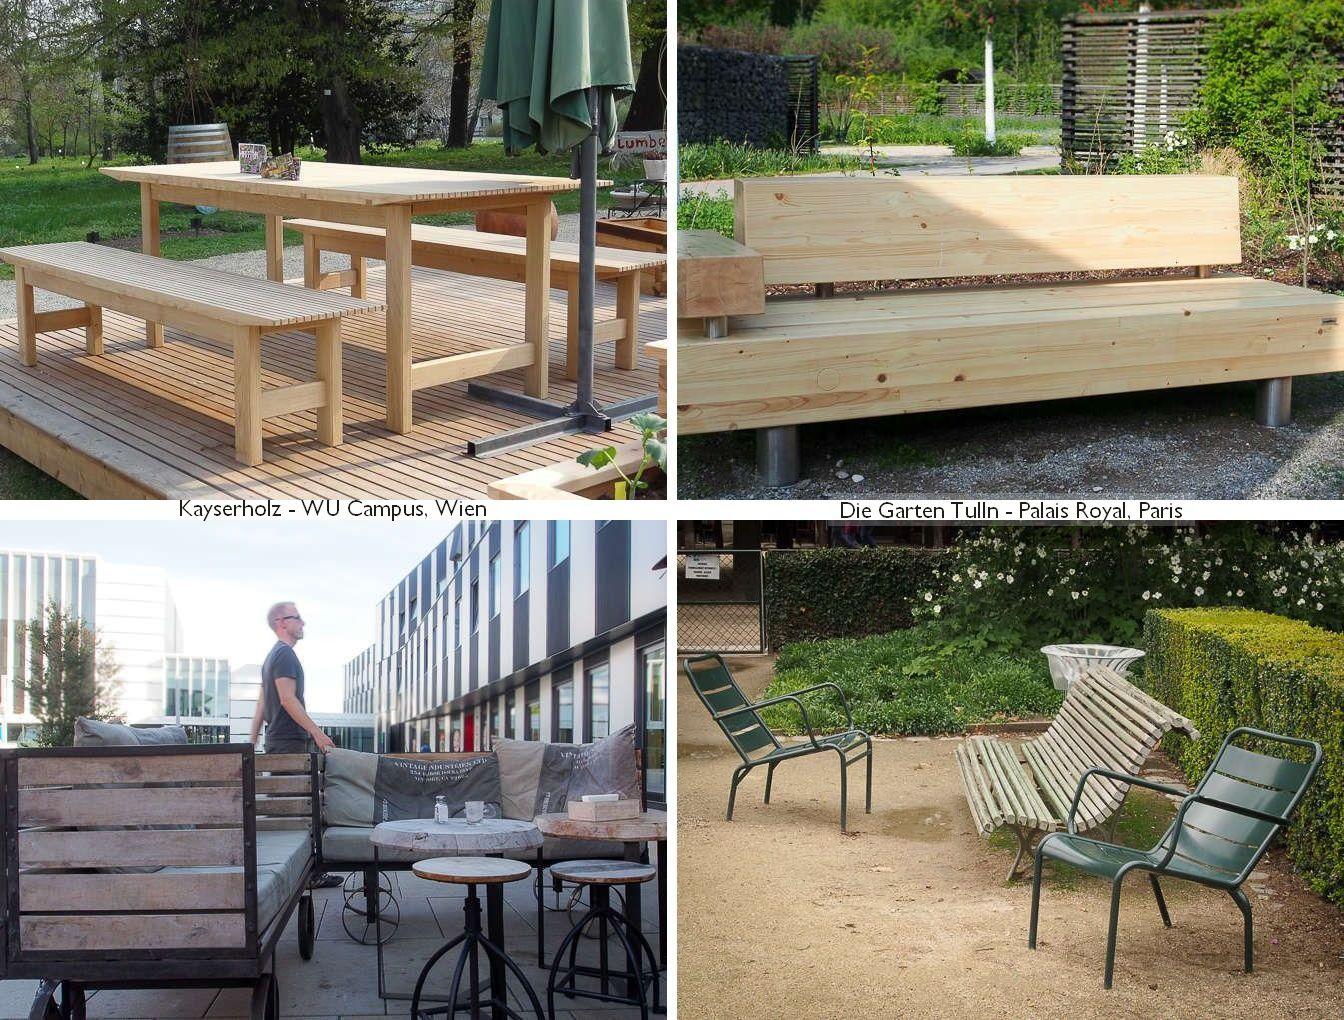 Modern, Landhaus, klassisch - alles Holzsitzmöbel für den Garten